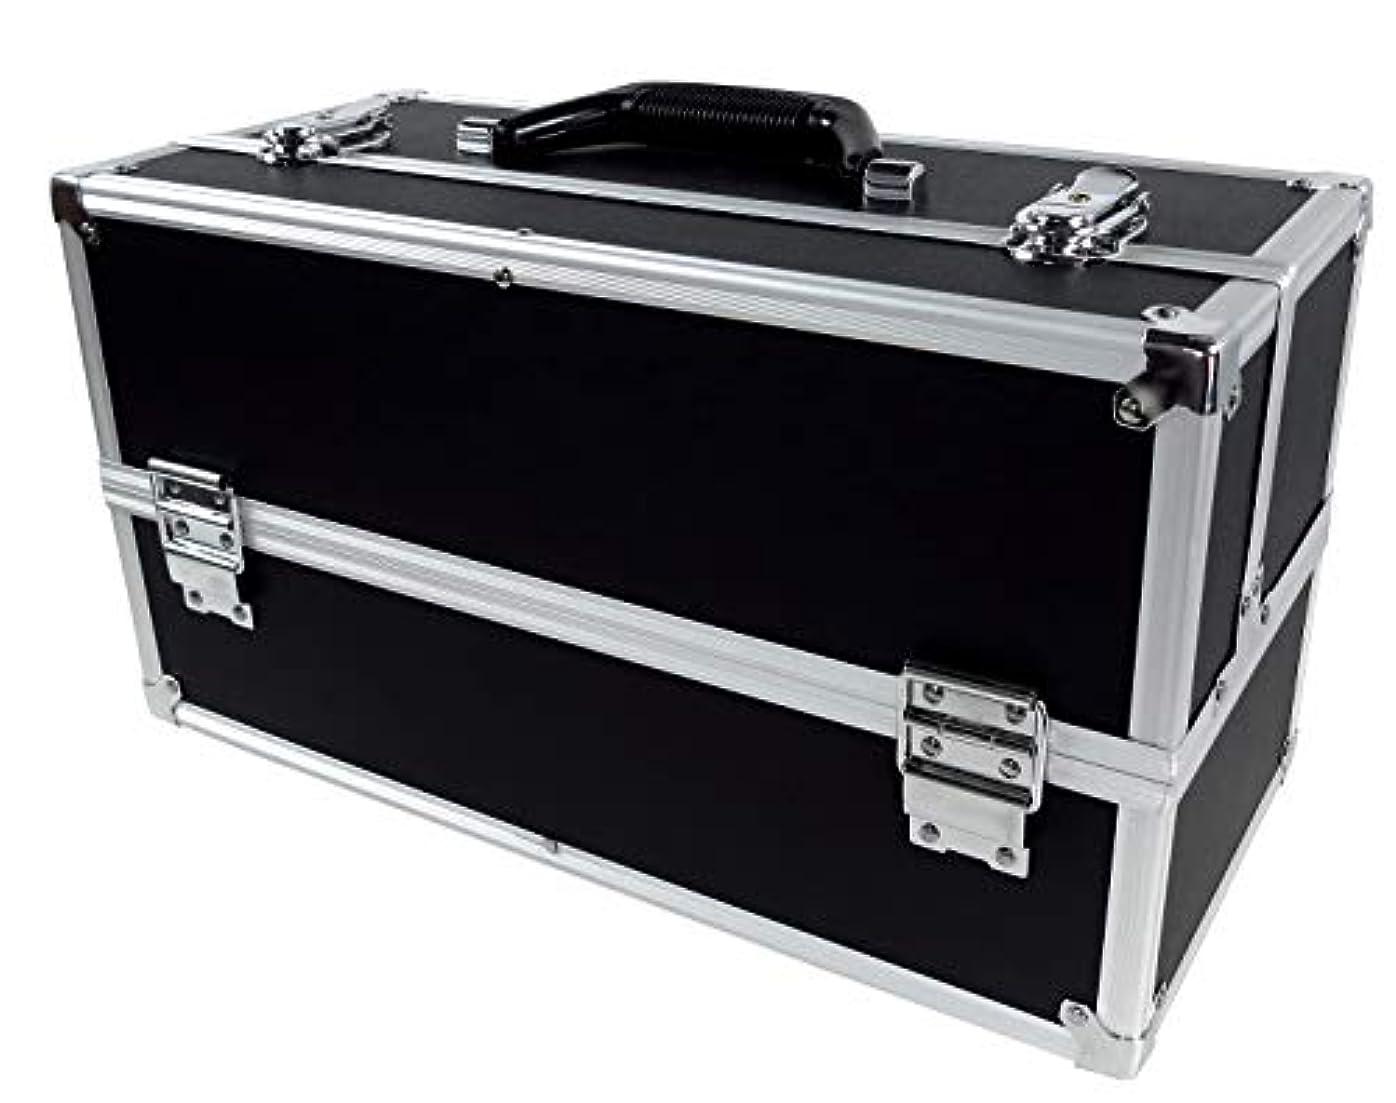 学者優しさご予約リライアブル コスメボックス ワイド RB201-BK 鍵付き プロ仕様 メイクボックス 大容量 化粧品収納 小物入れ 6段トレー ベロア メイクケース コスメBOX 持ち運び ネイルケース